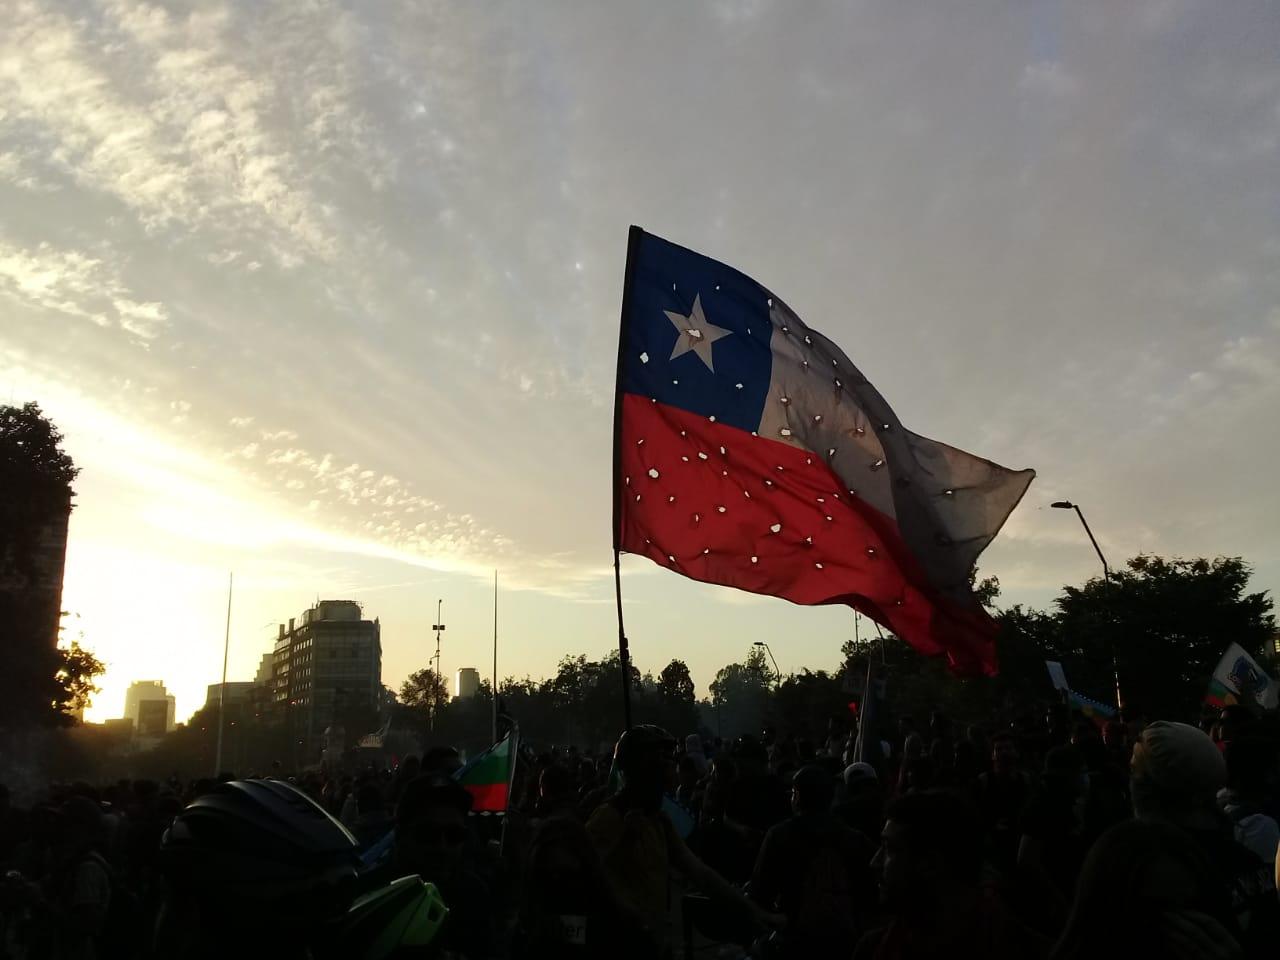 Apocalipsis 8.0 y la urgencia de una mejor democracia: una propuesta desde una academia más ciudadana